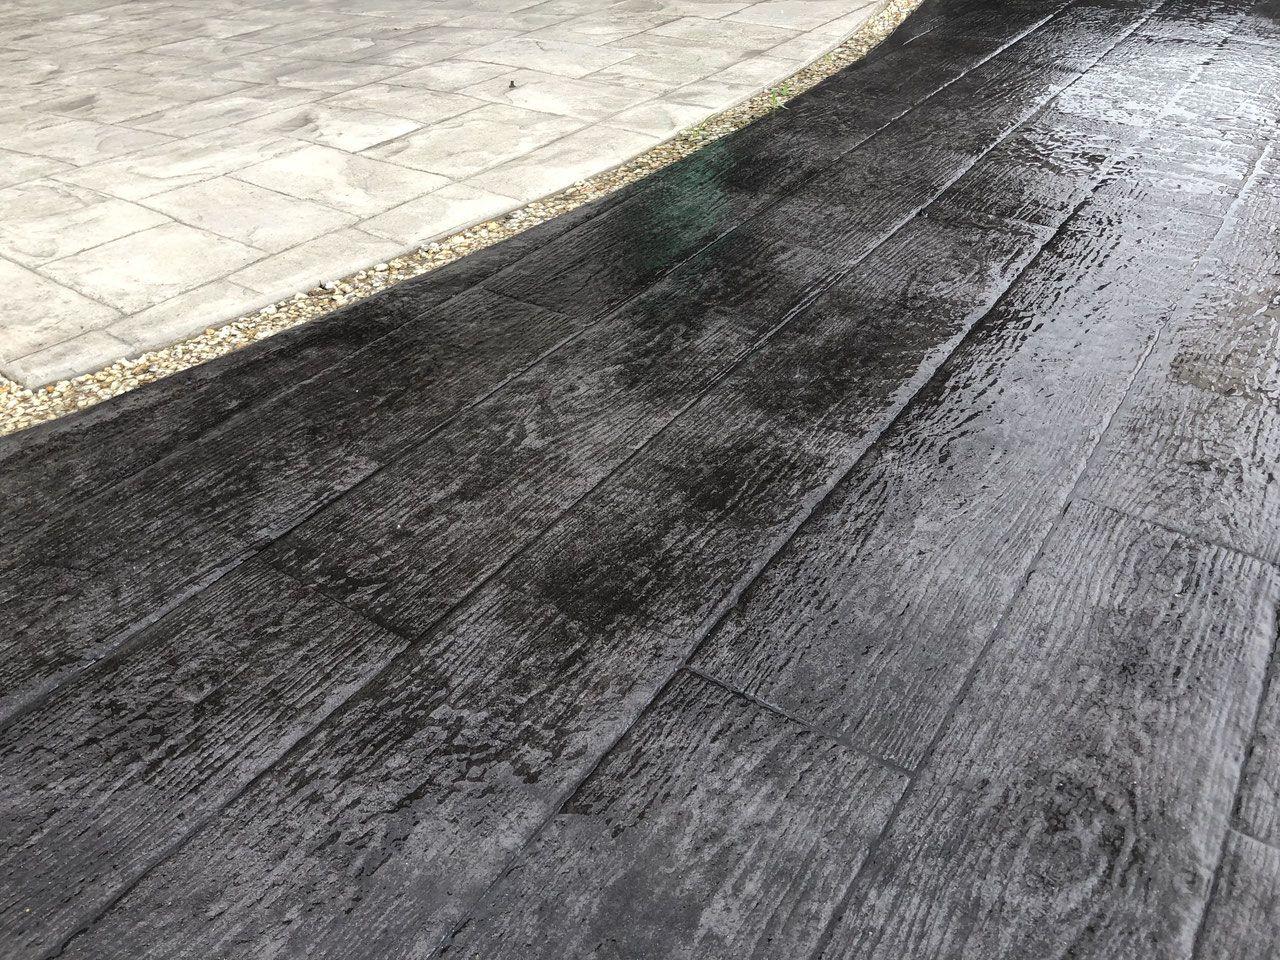 大全集 木目調のスタンプコンクリート 施工例が満載 徹底比較 スタンプコンクリート デッキ 枕木 無垢材 天然 素材 材木 木材 ウッド 古材 デザインコンクリート スタンプコンクリート スタンプコンクリート コンクリート 木目調